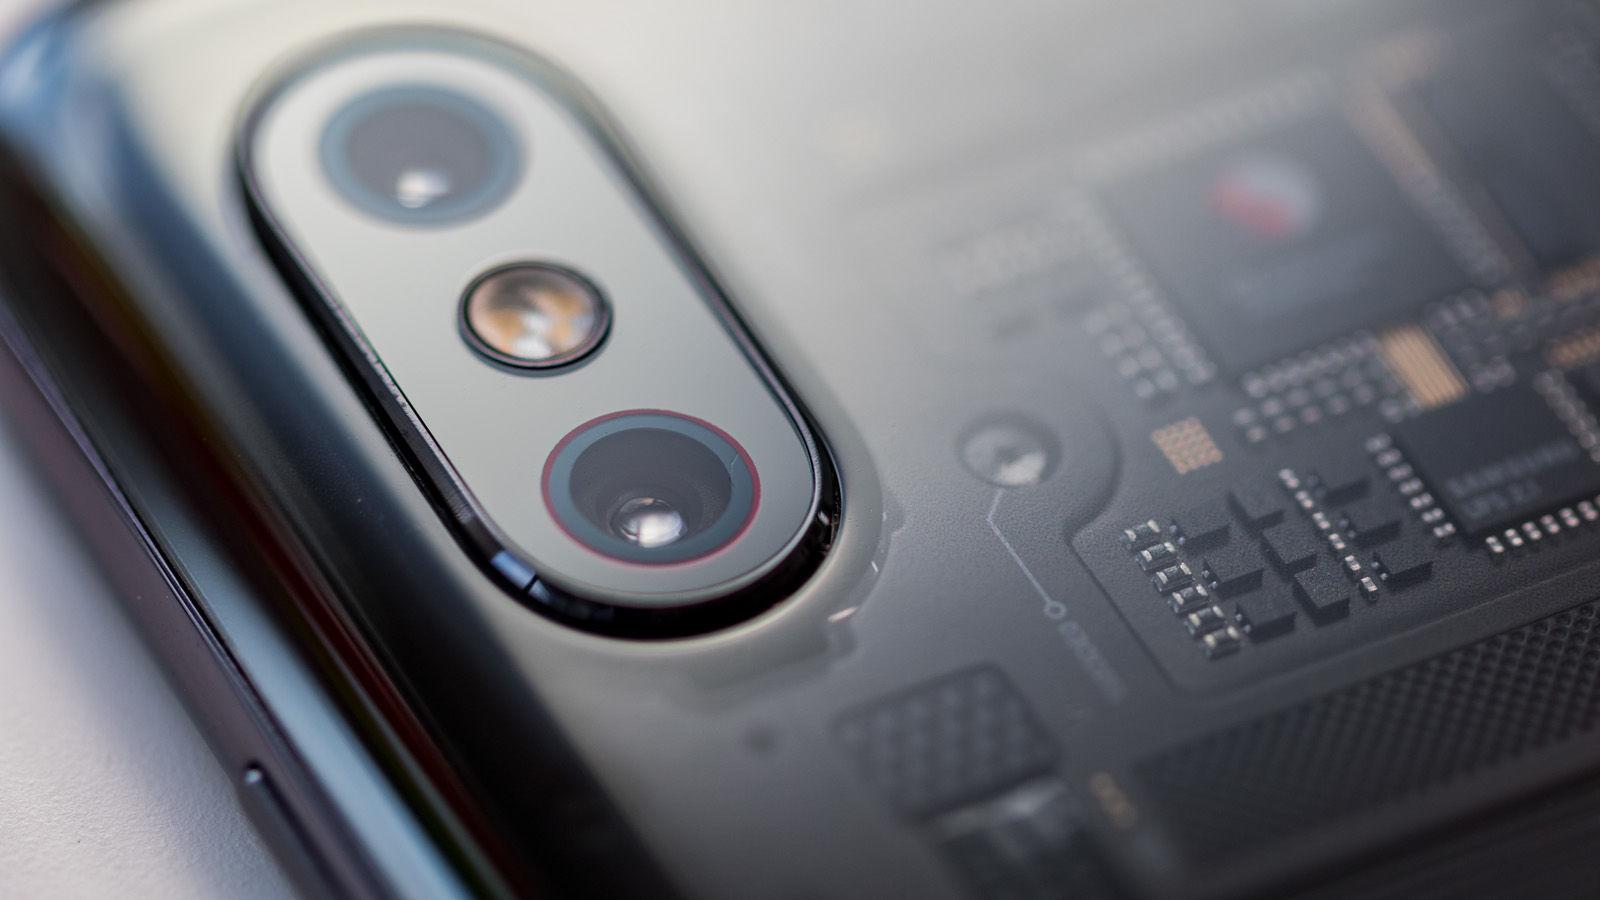 Модель Xiaomi Mi 8 Pro оснащена двойной главной камерой